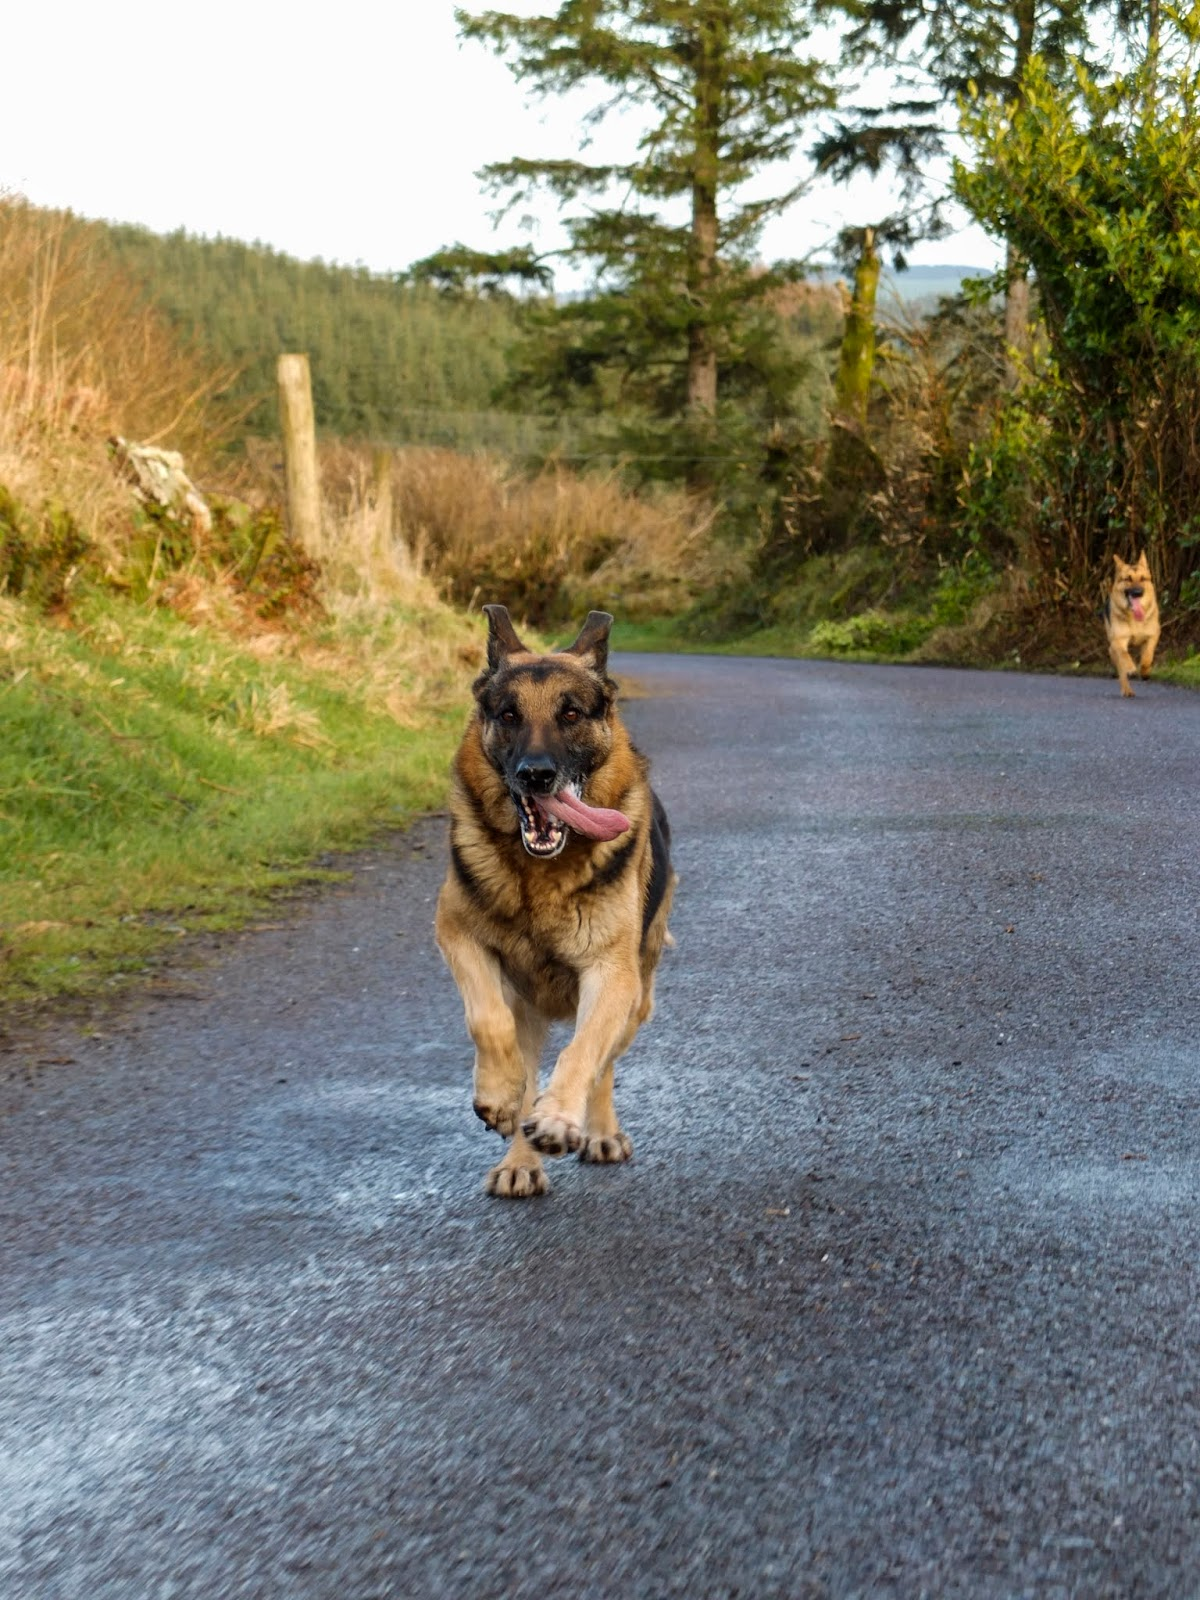 A German Shepherd Steve leading the way in a race.